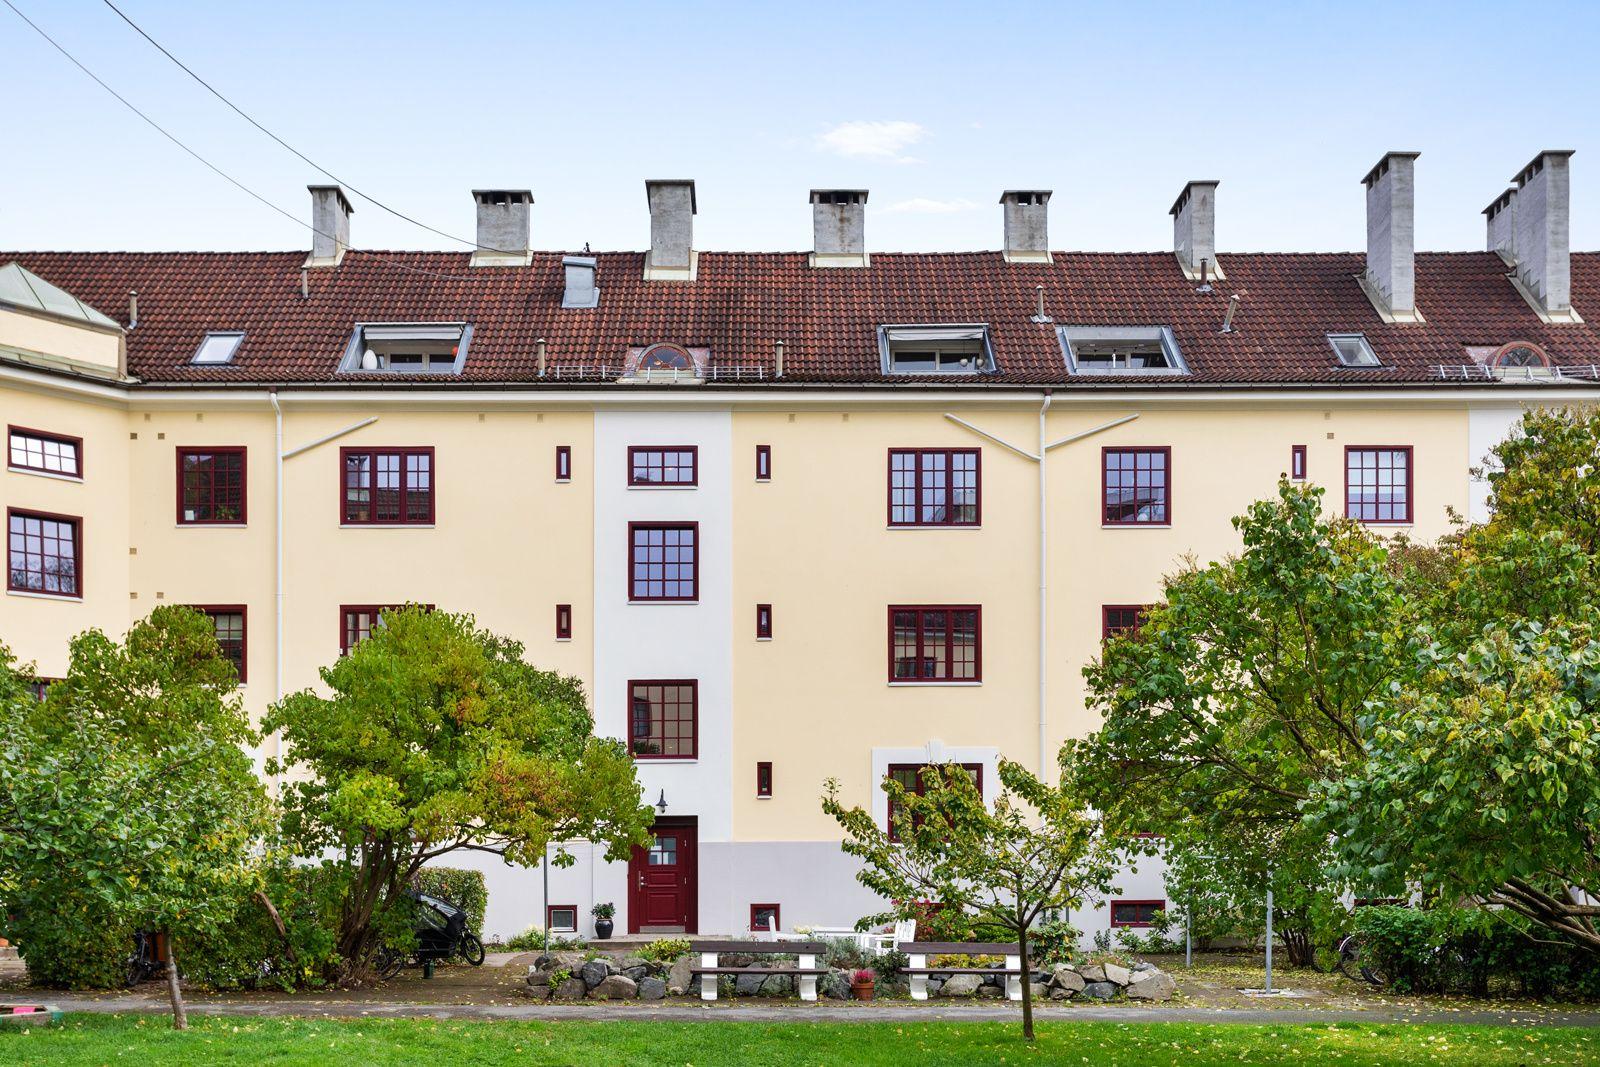 Bergensgata 18B Veldrevet borettslag med god vedlikeholdshistorikk der blant annet pipene og fasaden er rehabilitert.